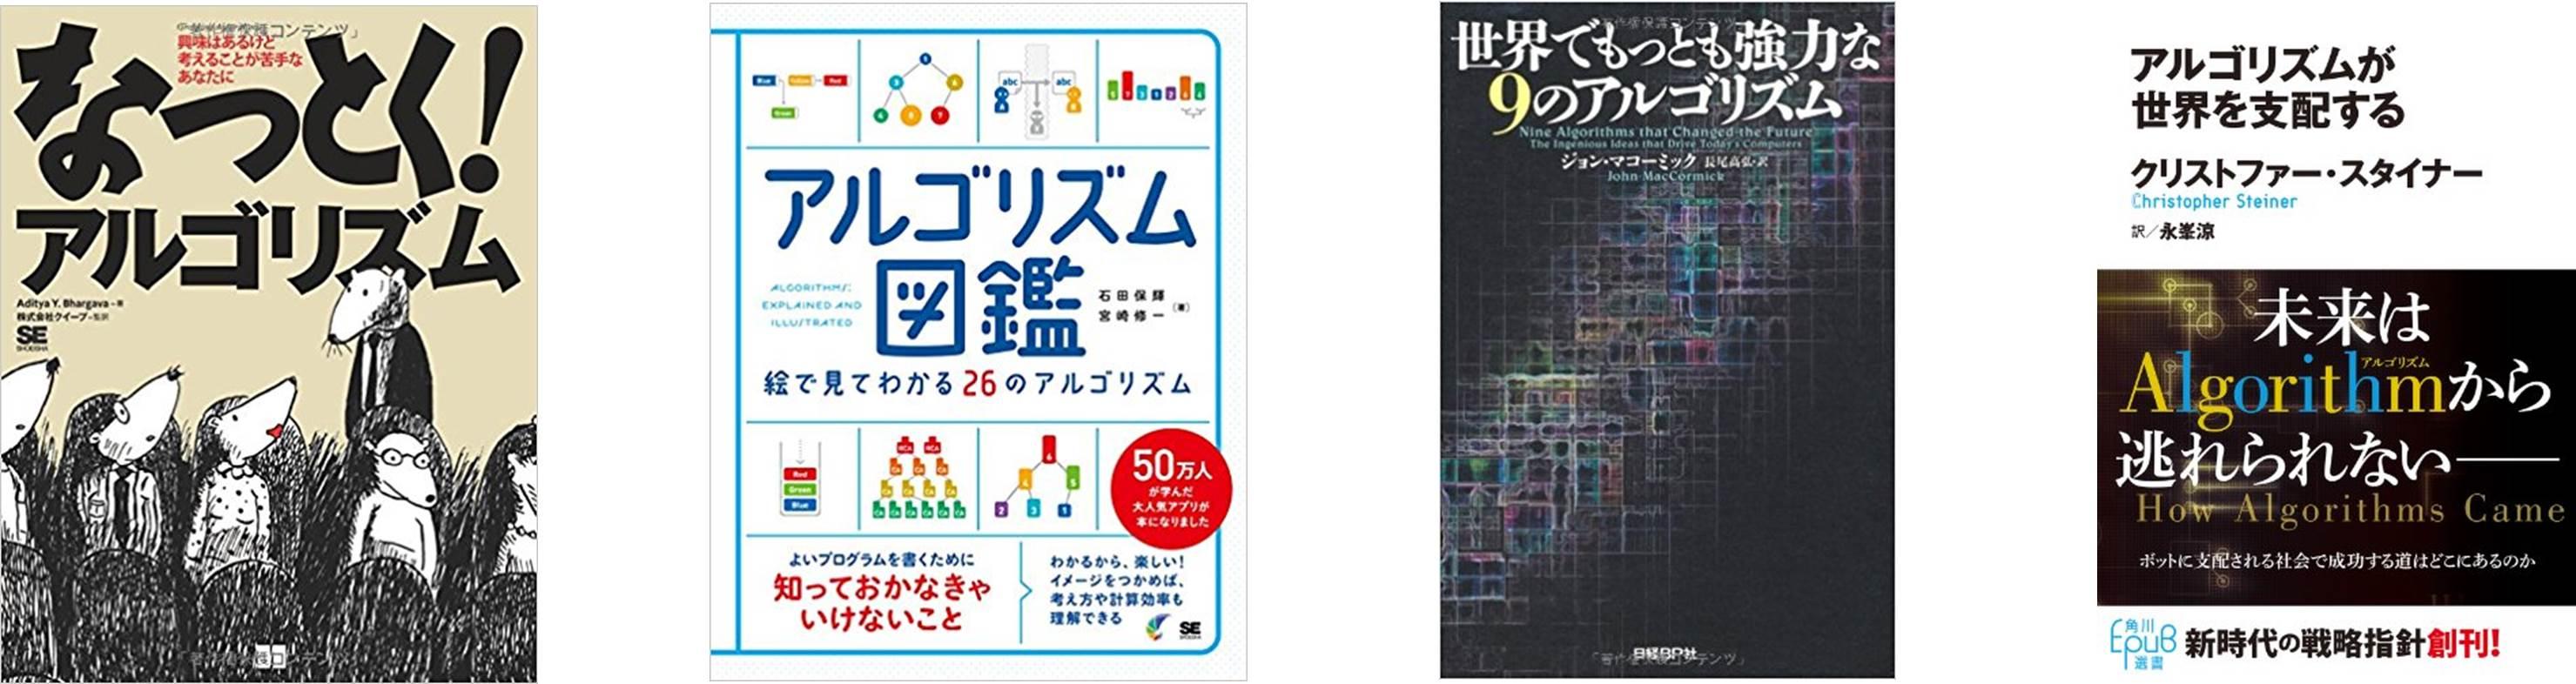 アルゴリズム参考書(一般向け).jpg